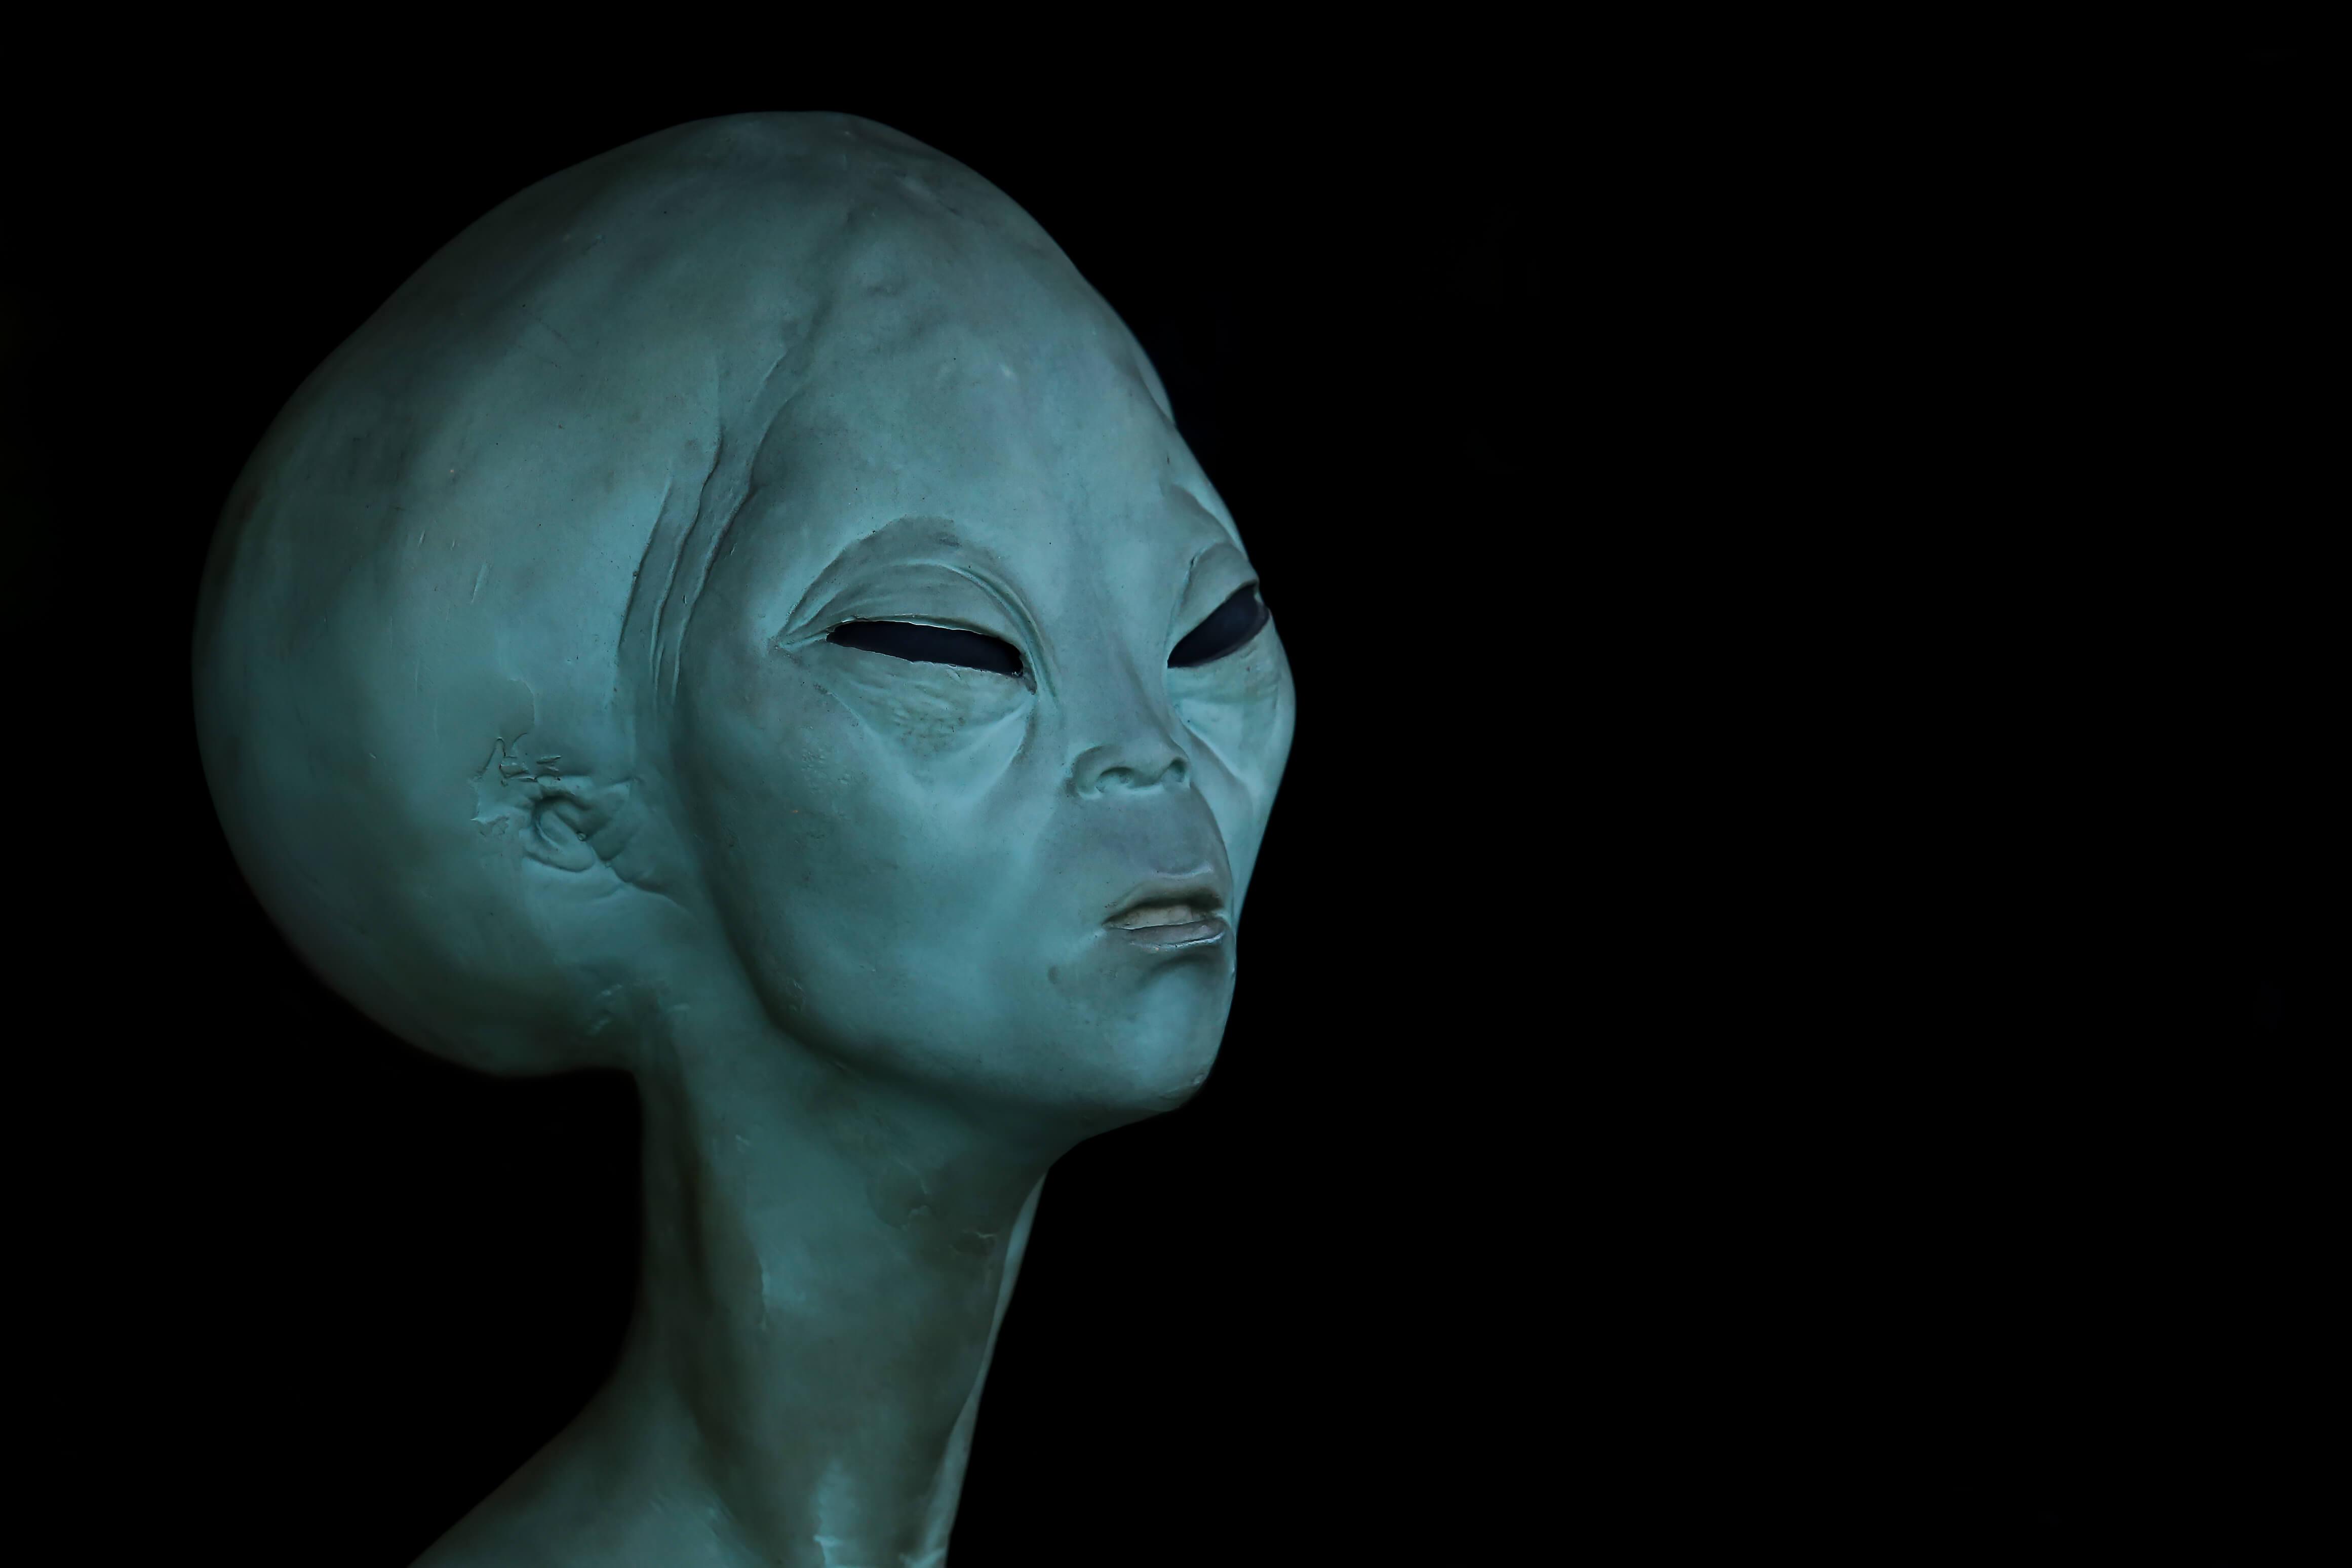 Portrait of an alien in dark background.